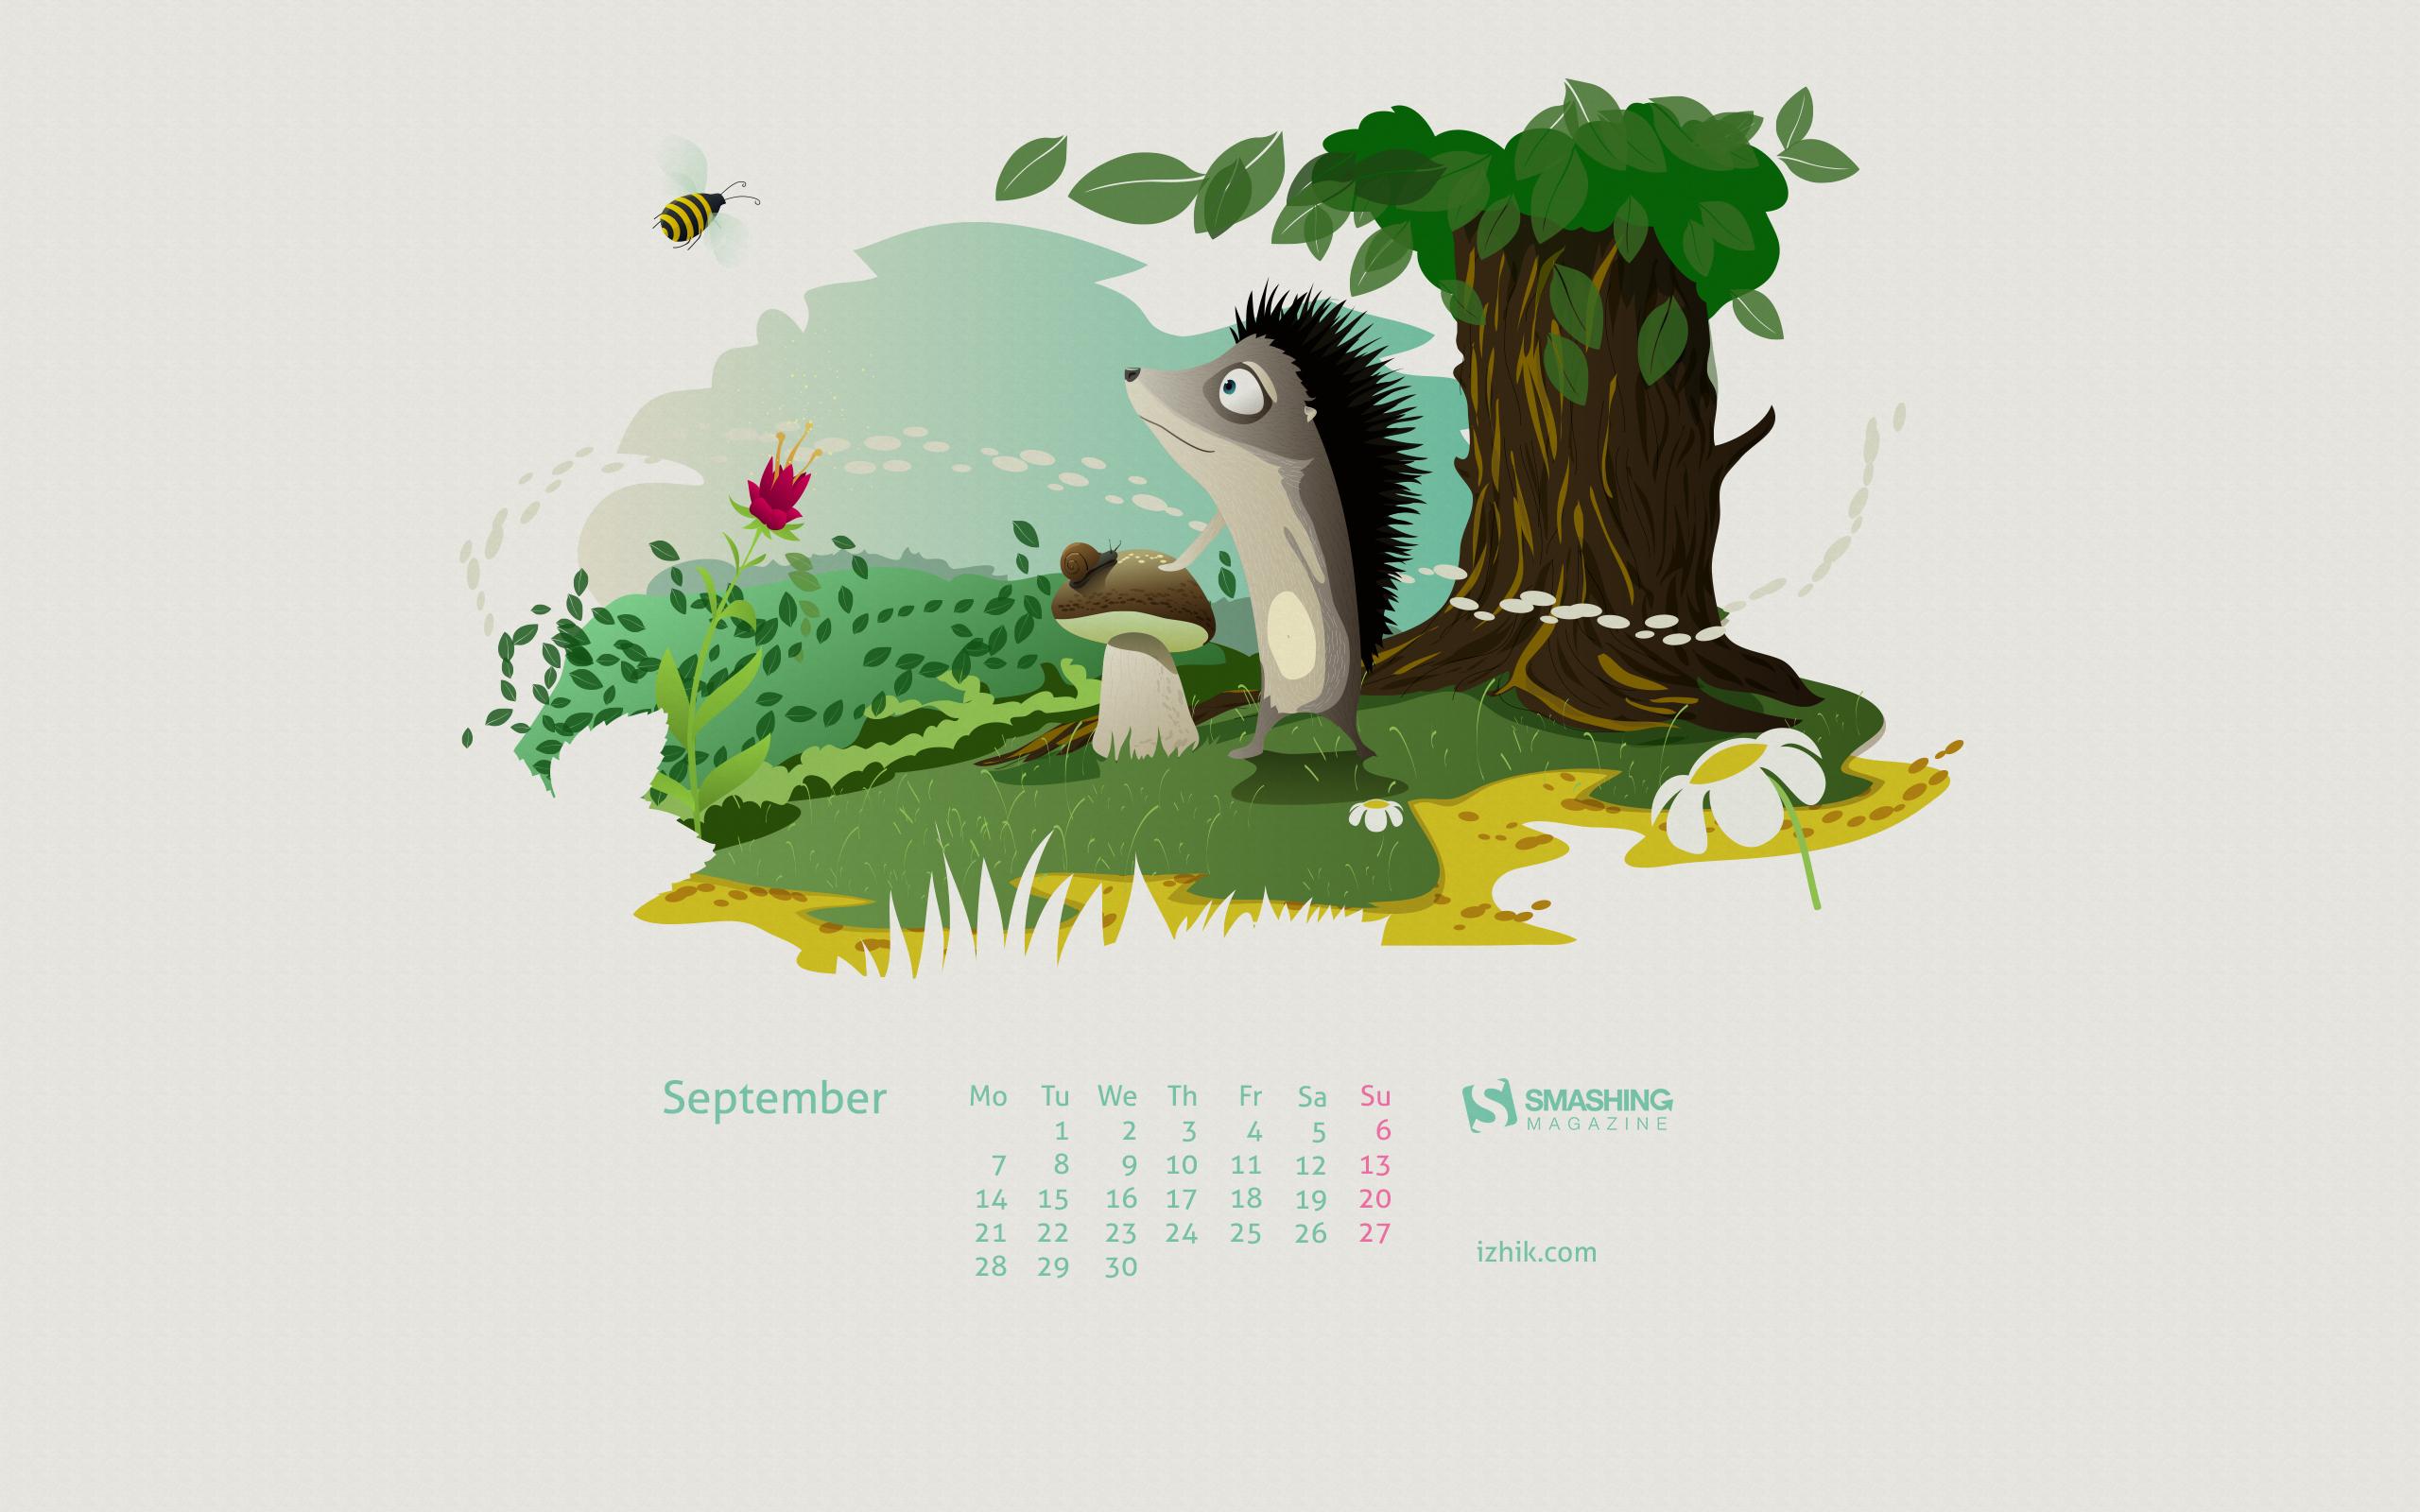 Desktop Wallpaper Calendars: September 2015 — Smashing Magazine with regard to Smashing Magazine Calendar